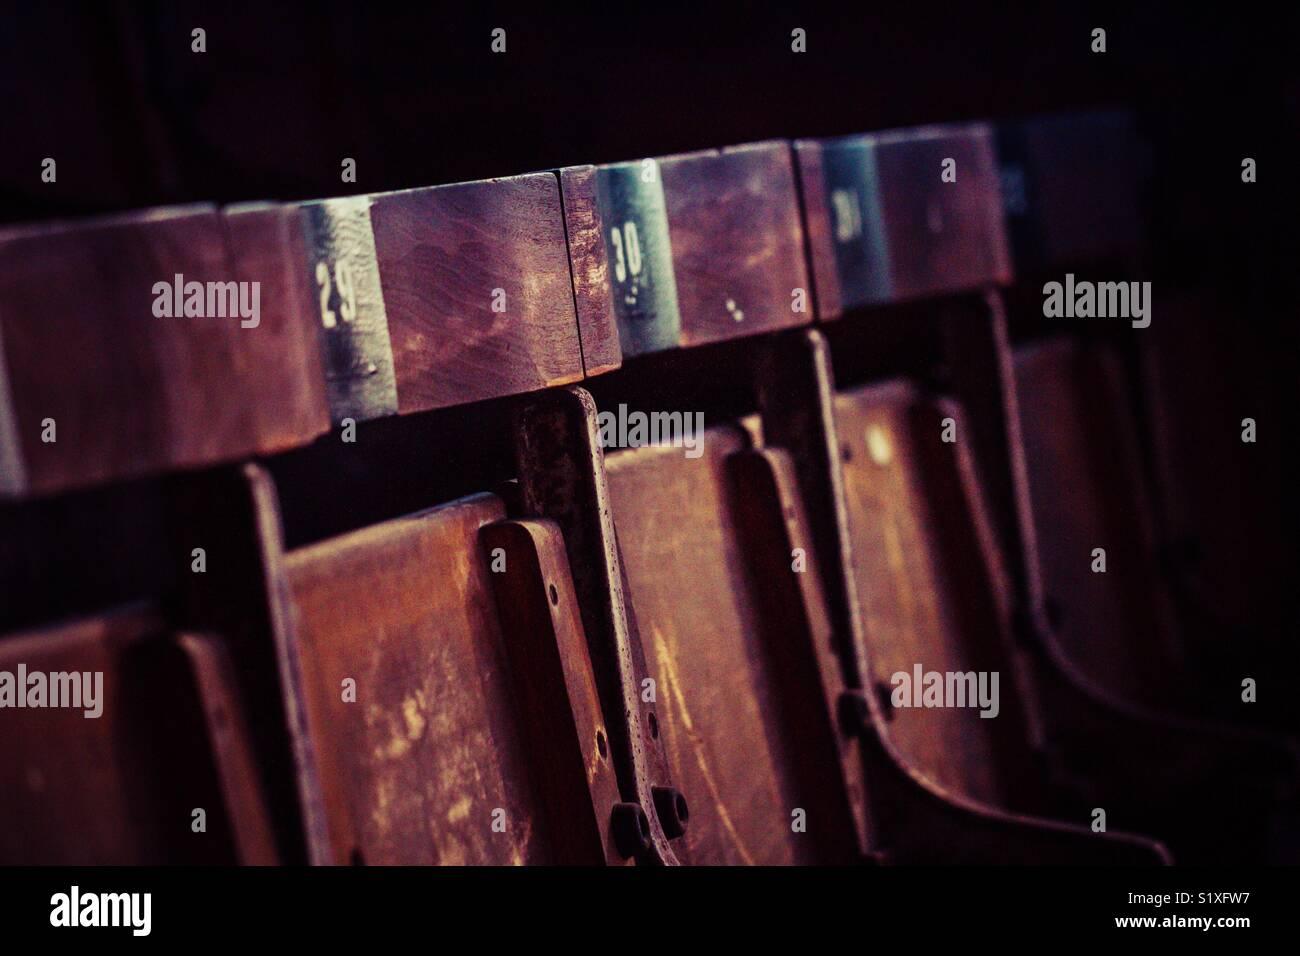 Une rangée de sièges en bois dur avec des numéros sur à un stade de football vide la nuit Photo Stock